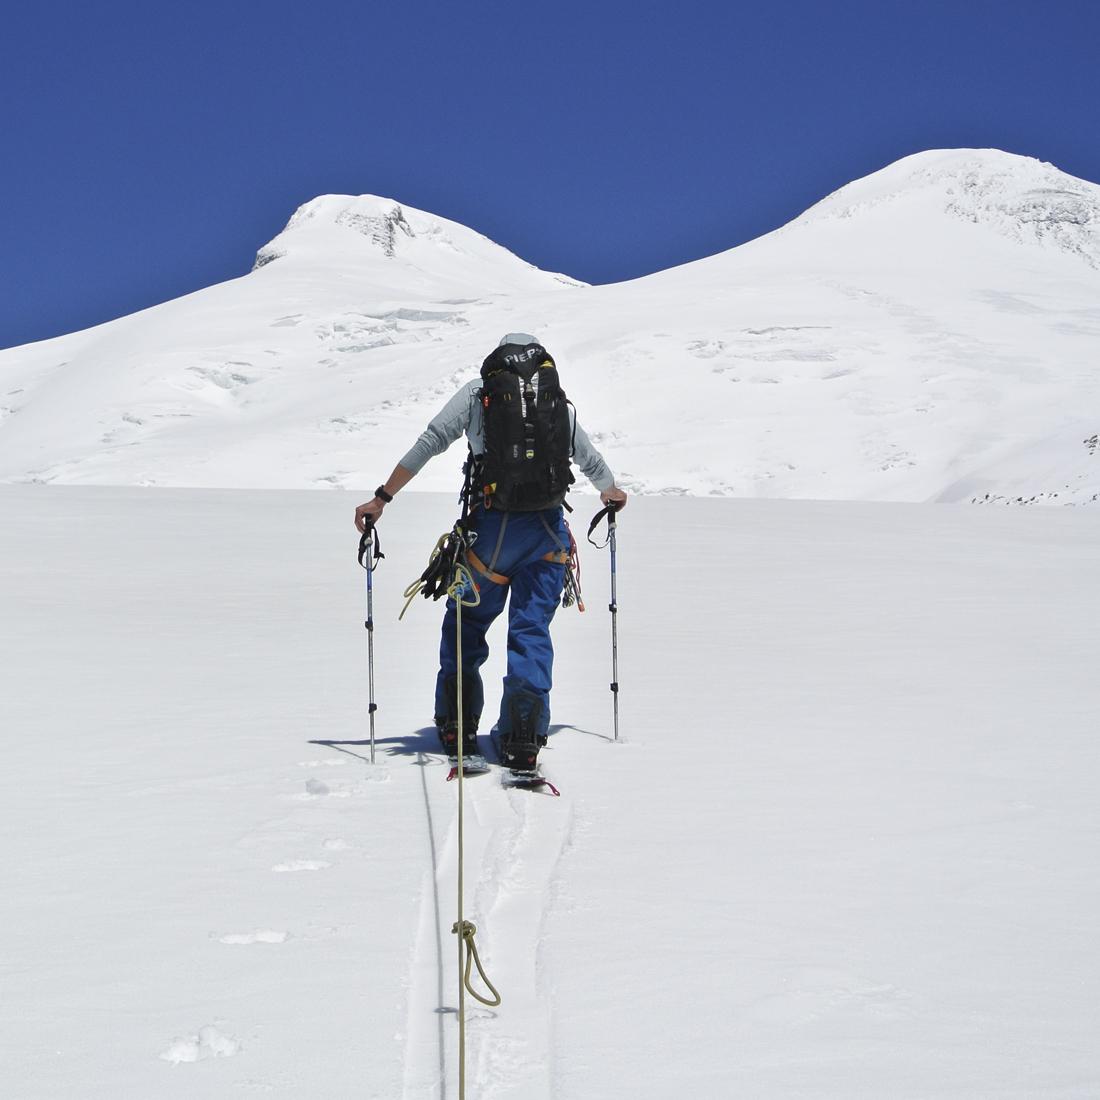 скитур с восхождением на Эльбрус